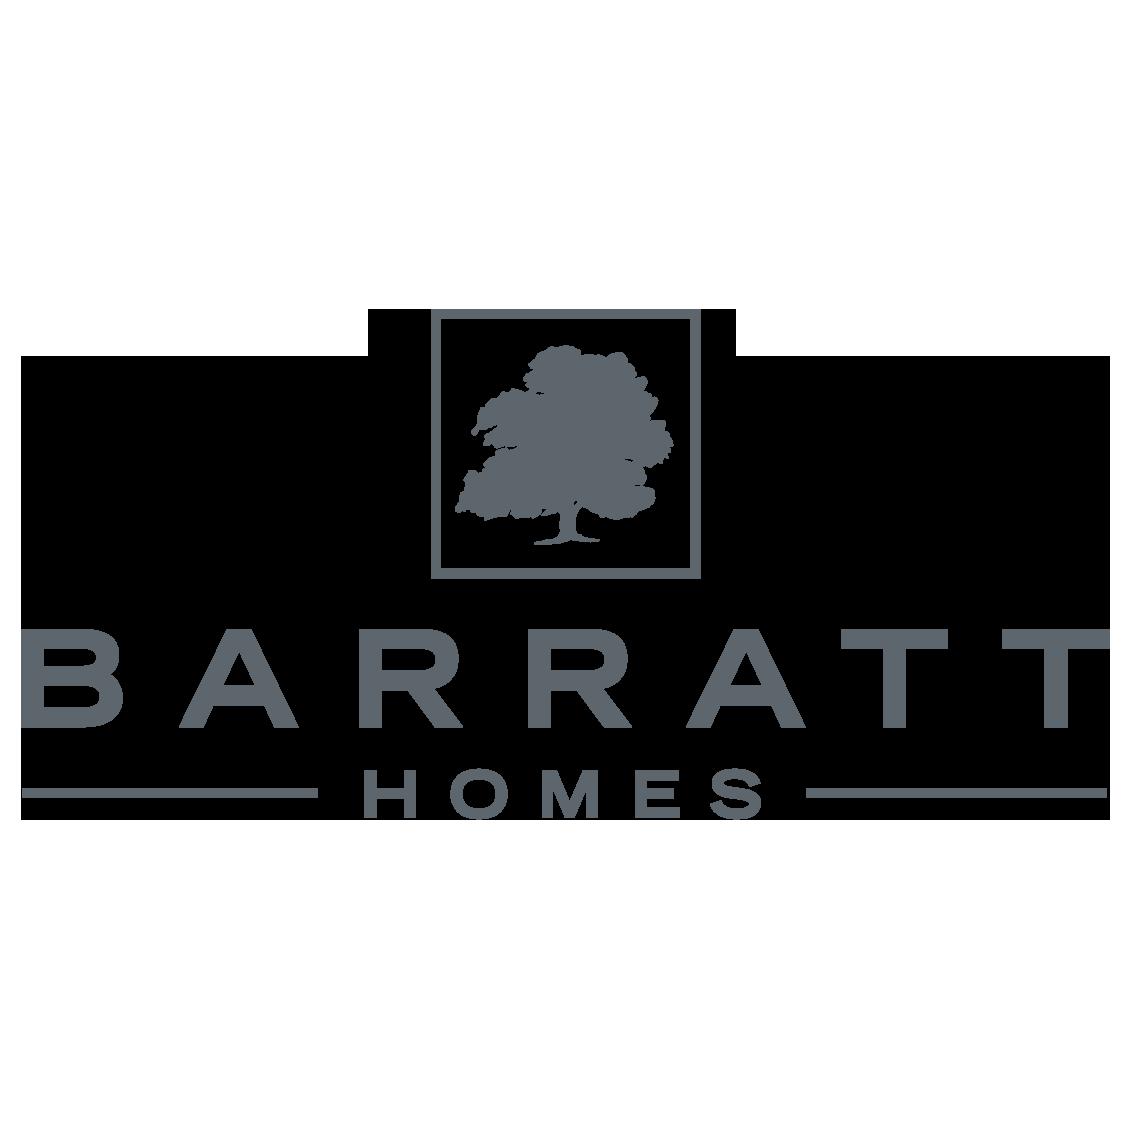 Barratt-Homes-logo copy.png